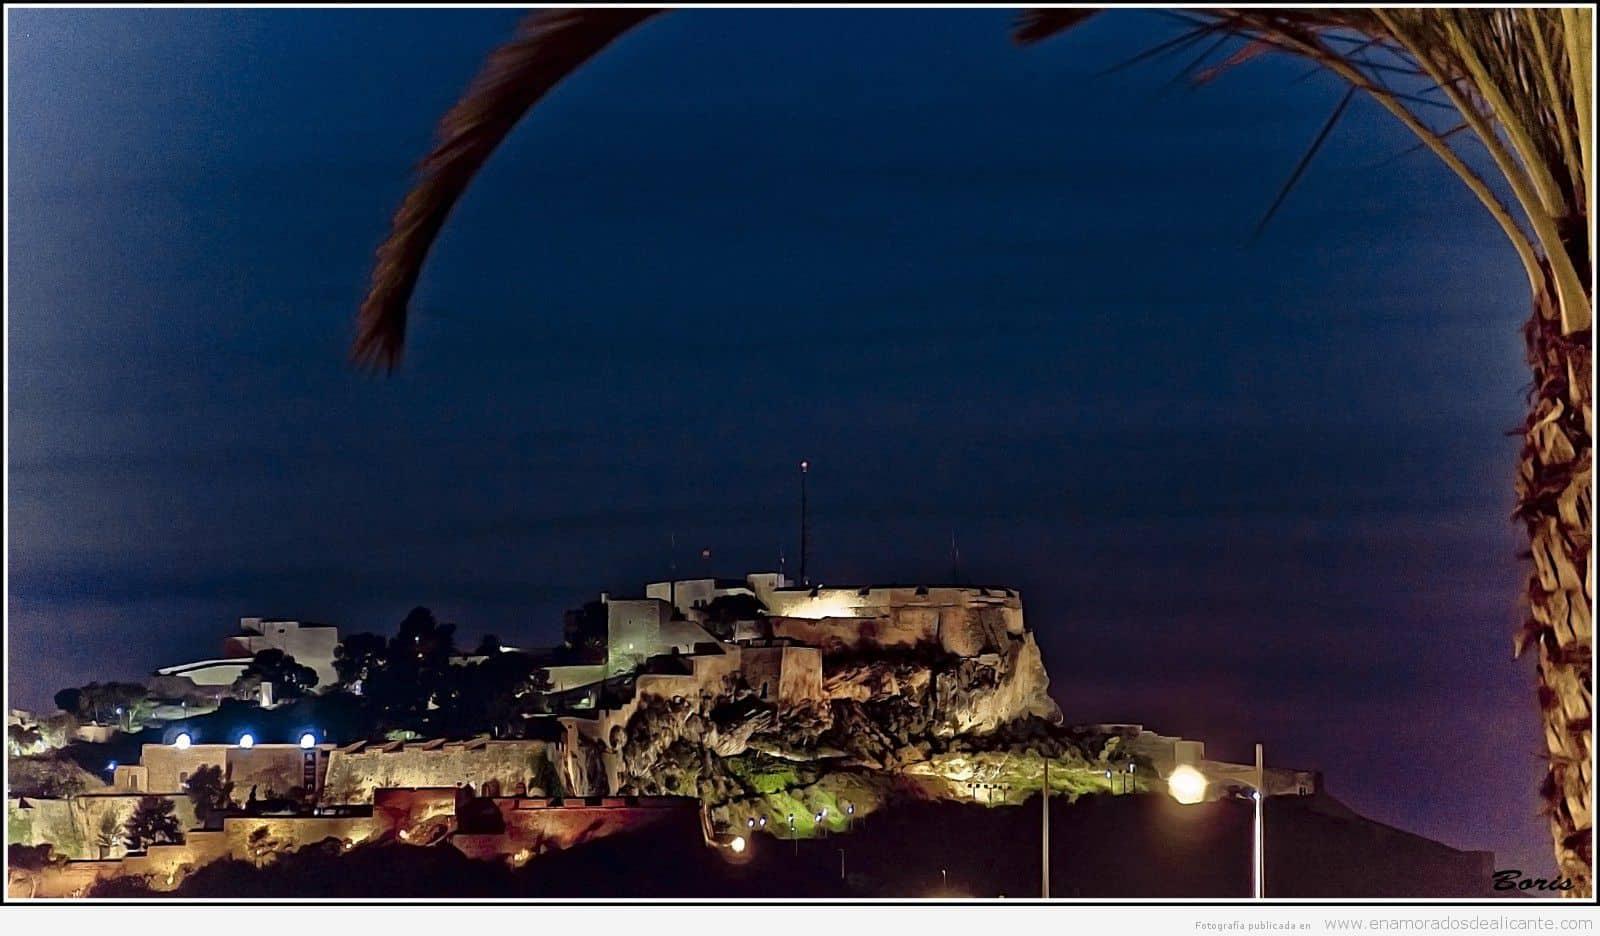 castillopalmera